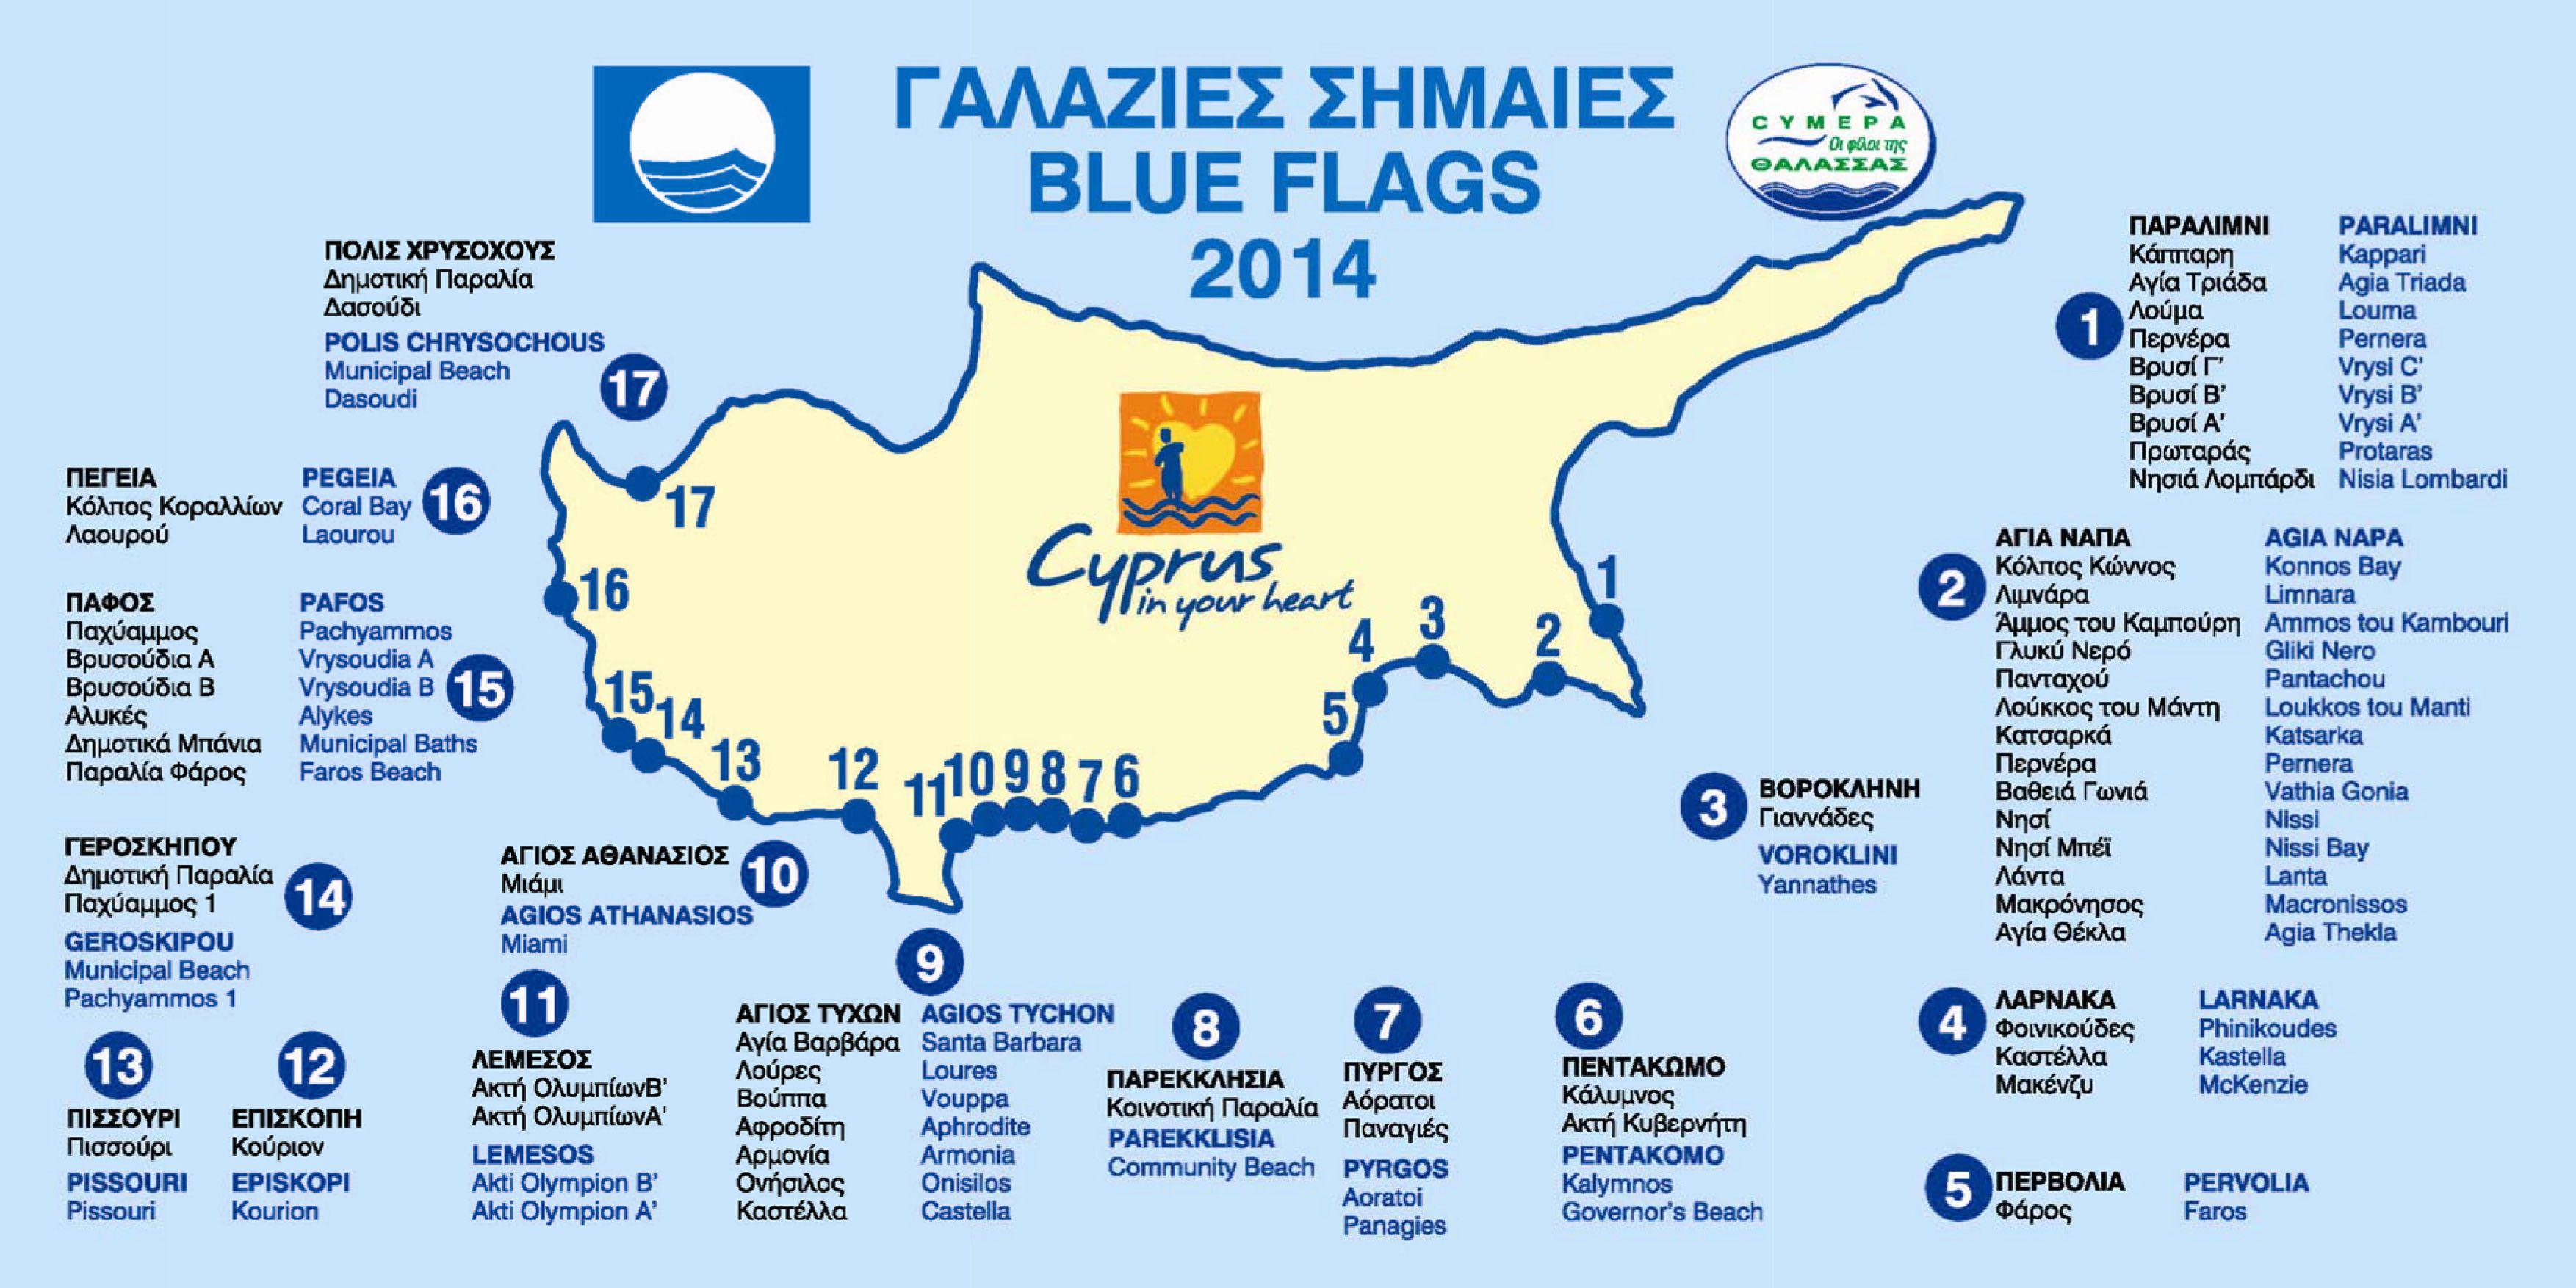 Blue Flags Cyprus Map 1 Jpg 3507 1754 Mit Bildern Zypern